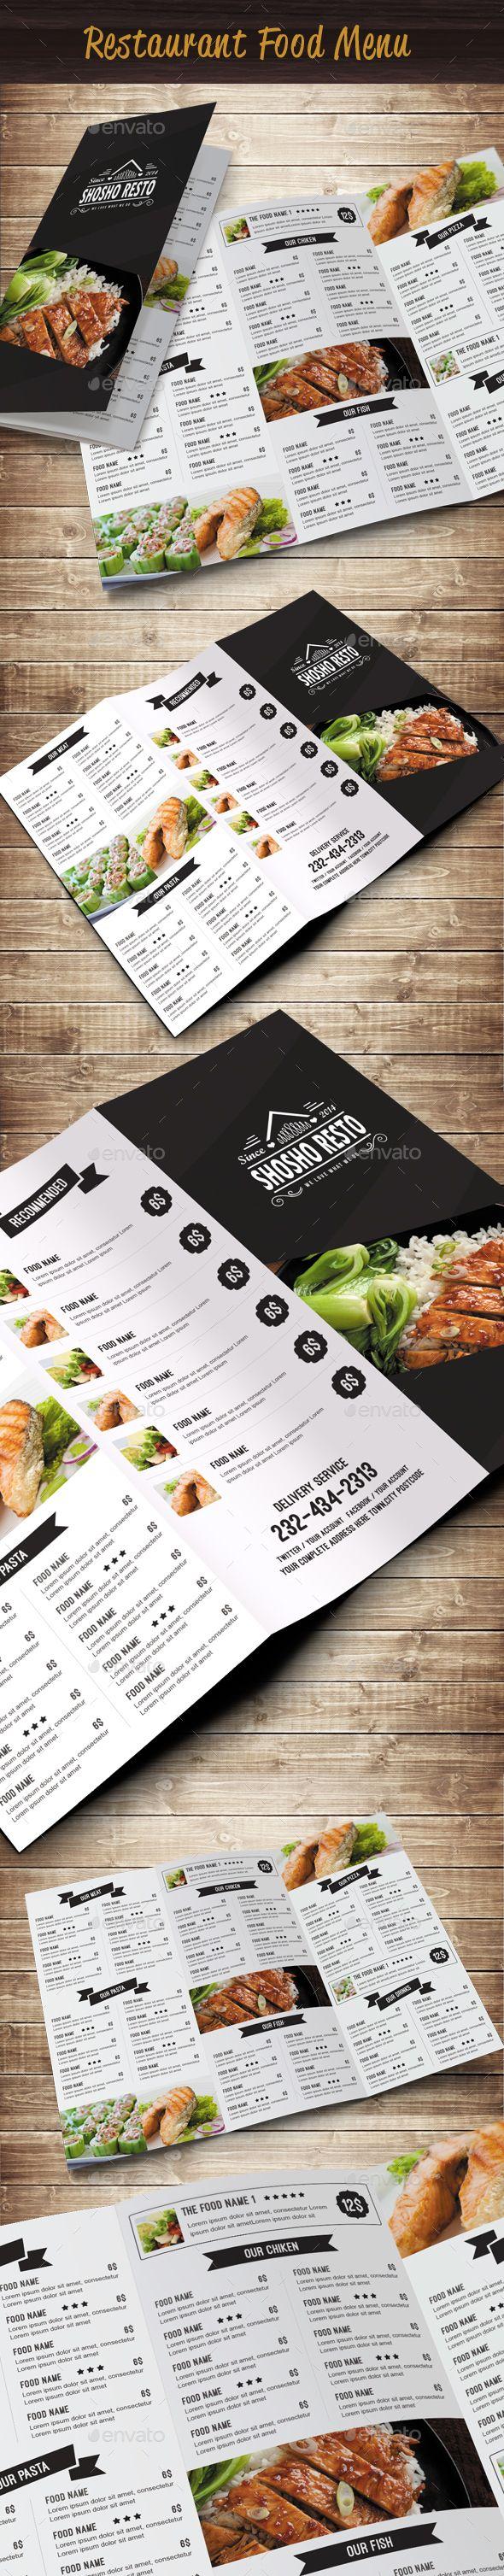 Restaurant Food Menu | Speisekarte, Flyer vorlagen und Karten design